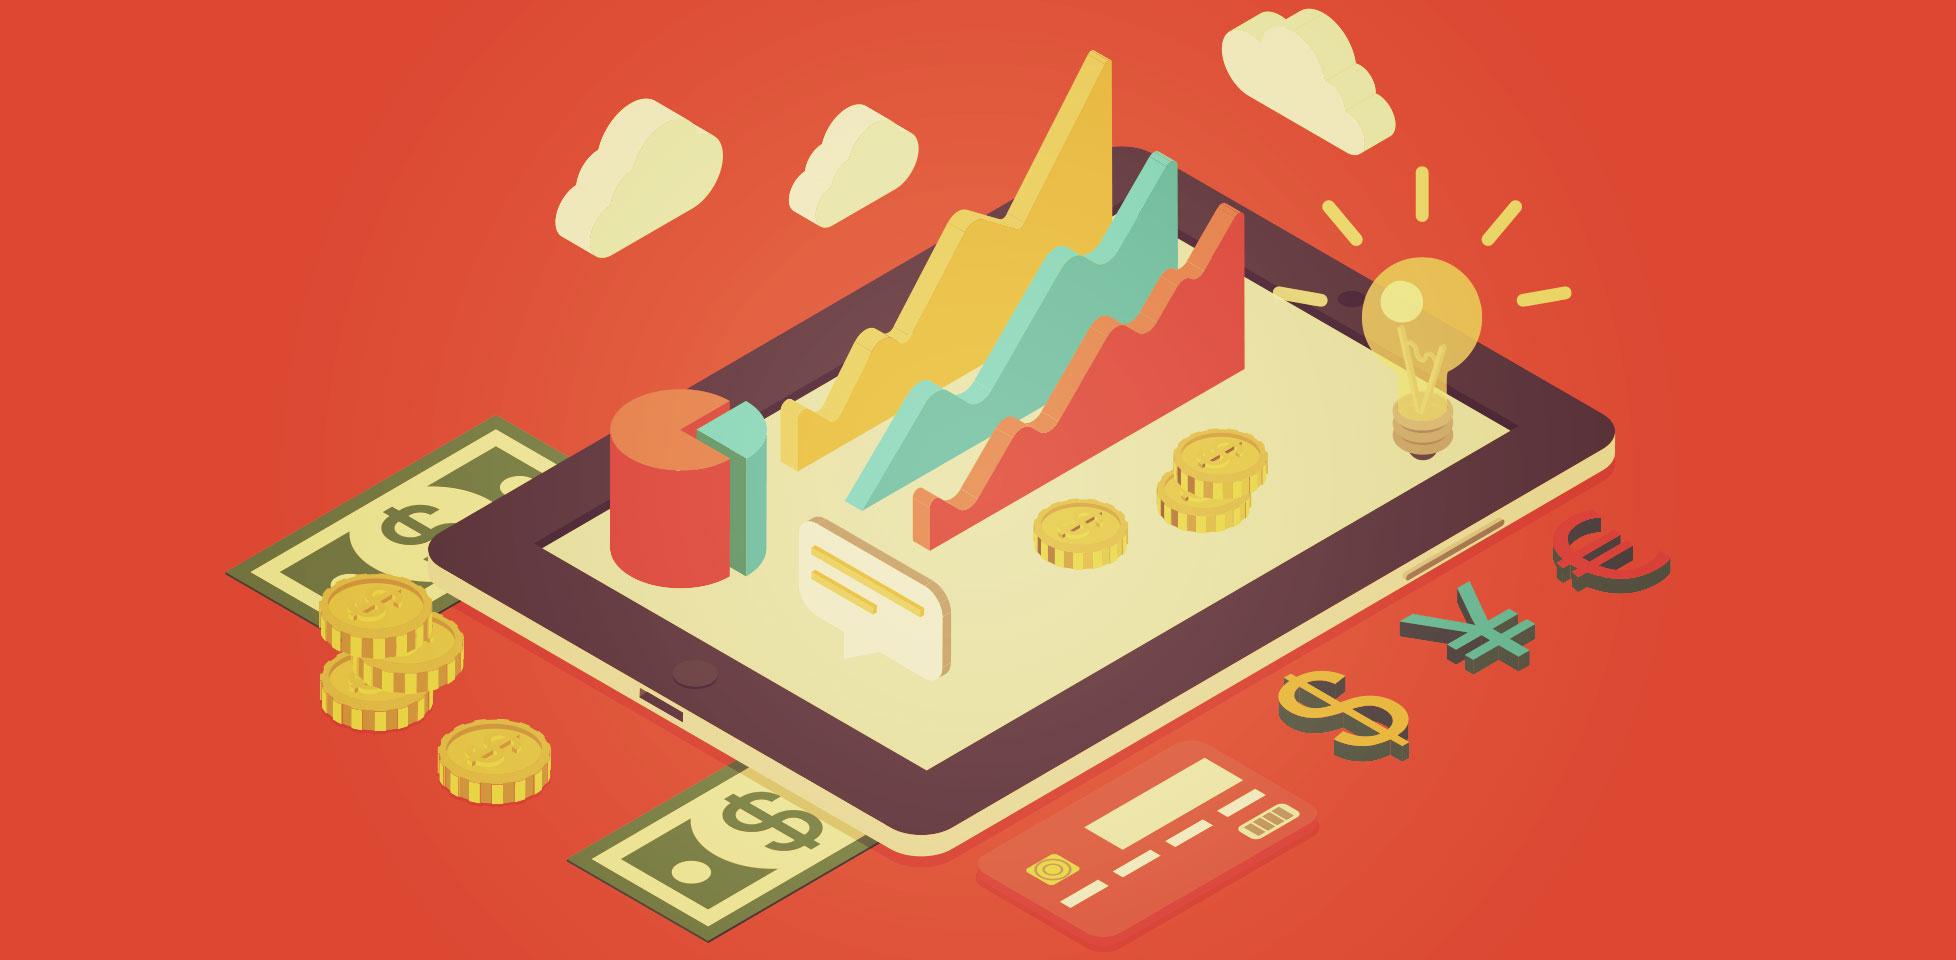 Does Responsive Web Design Make You More Money Webdesigner Depot